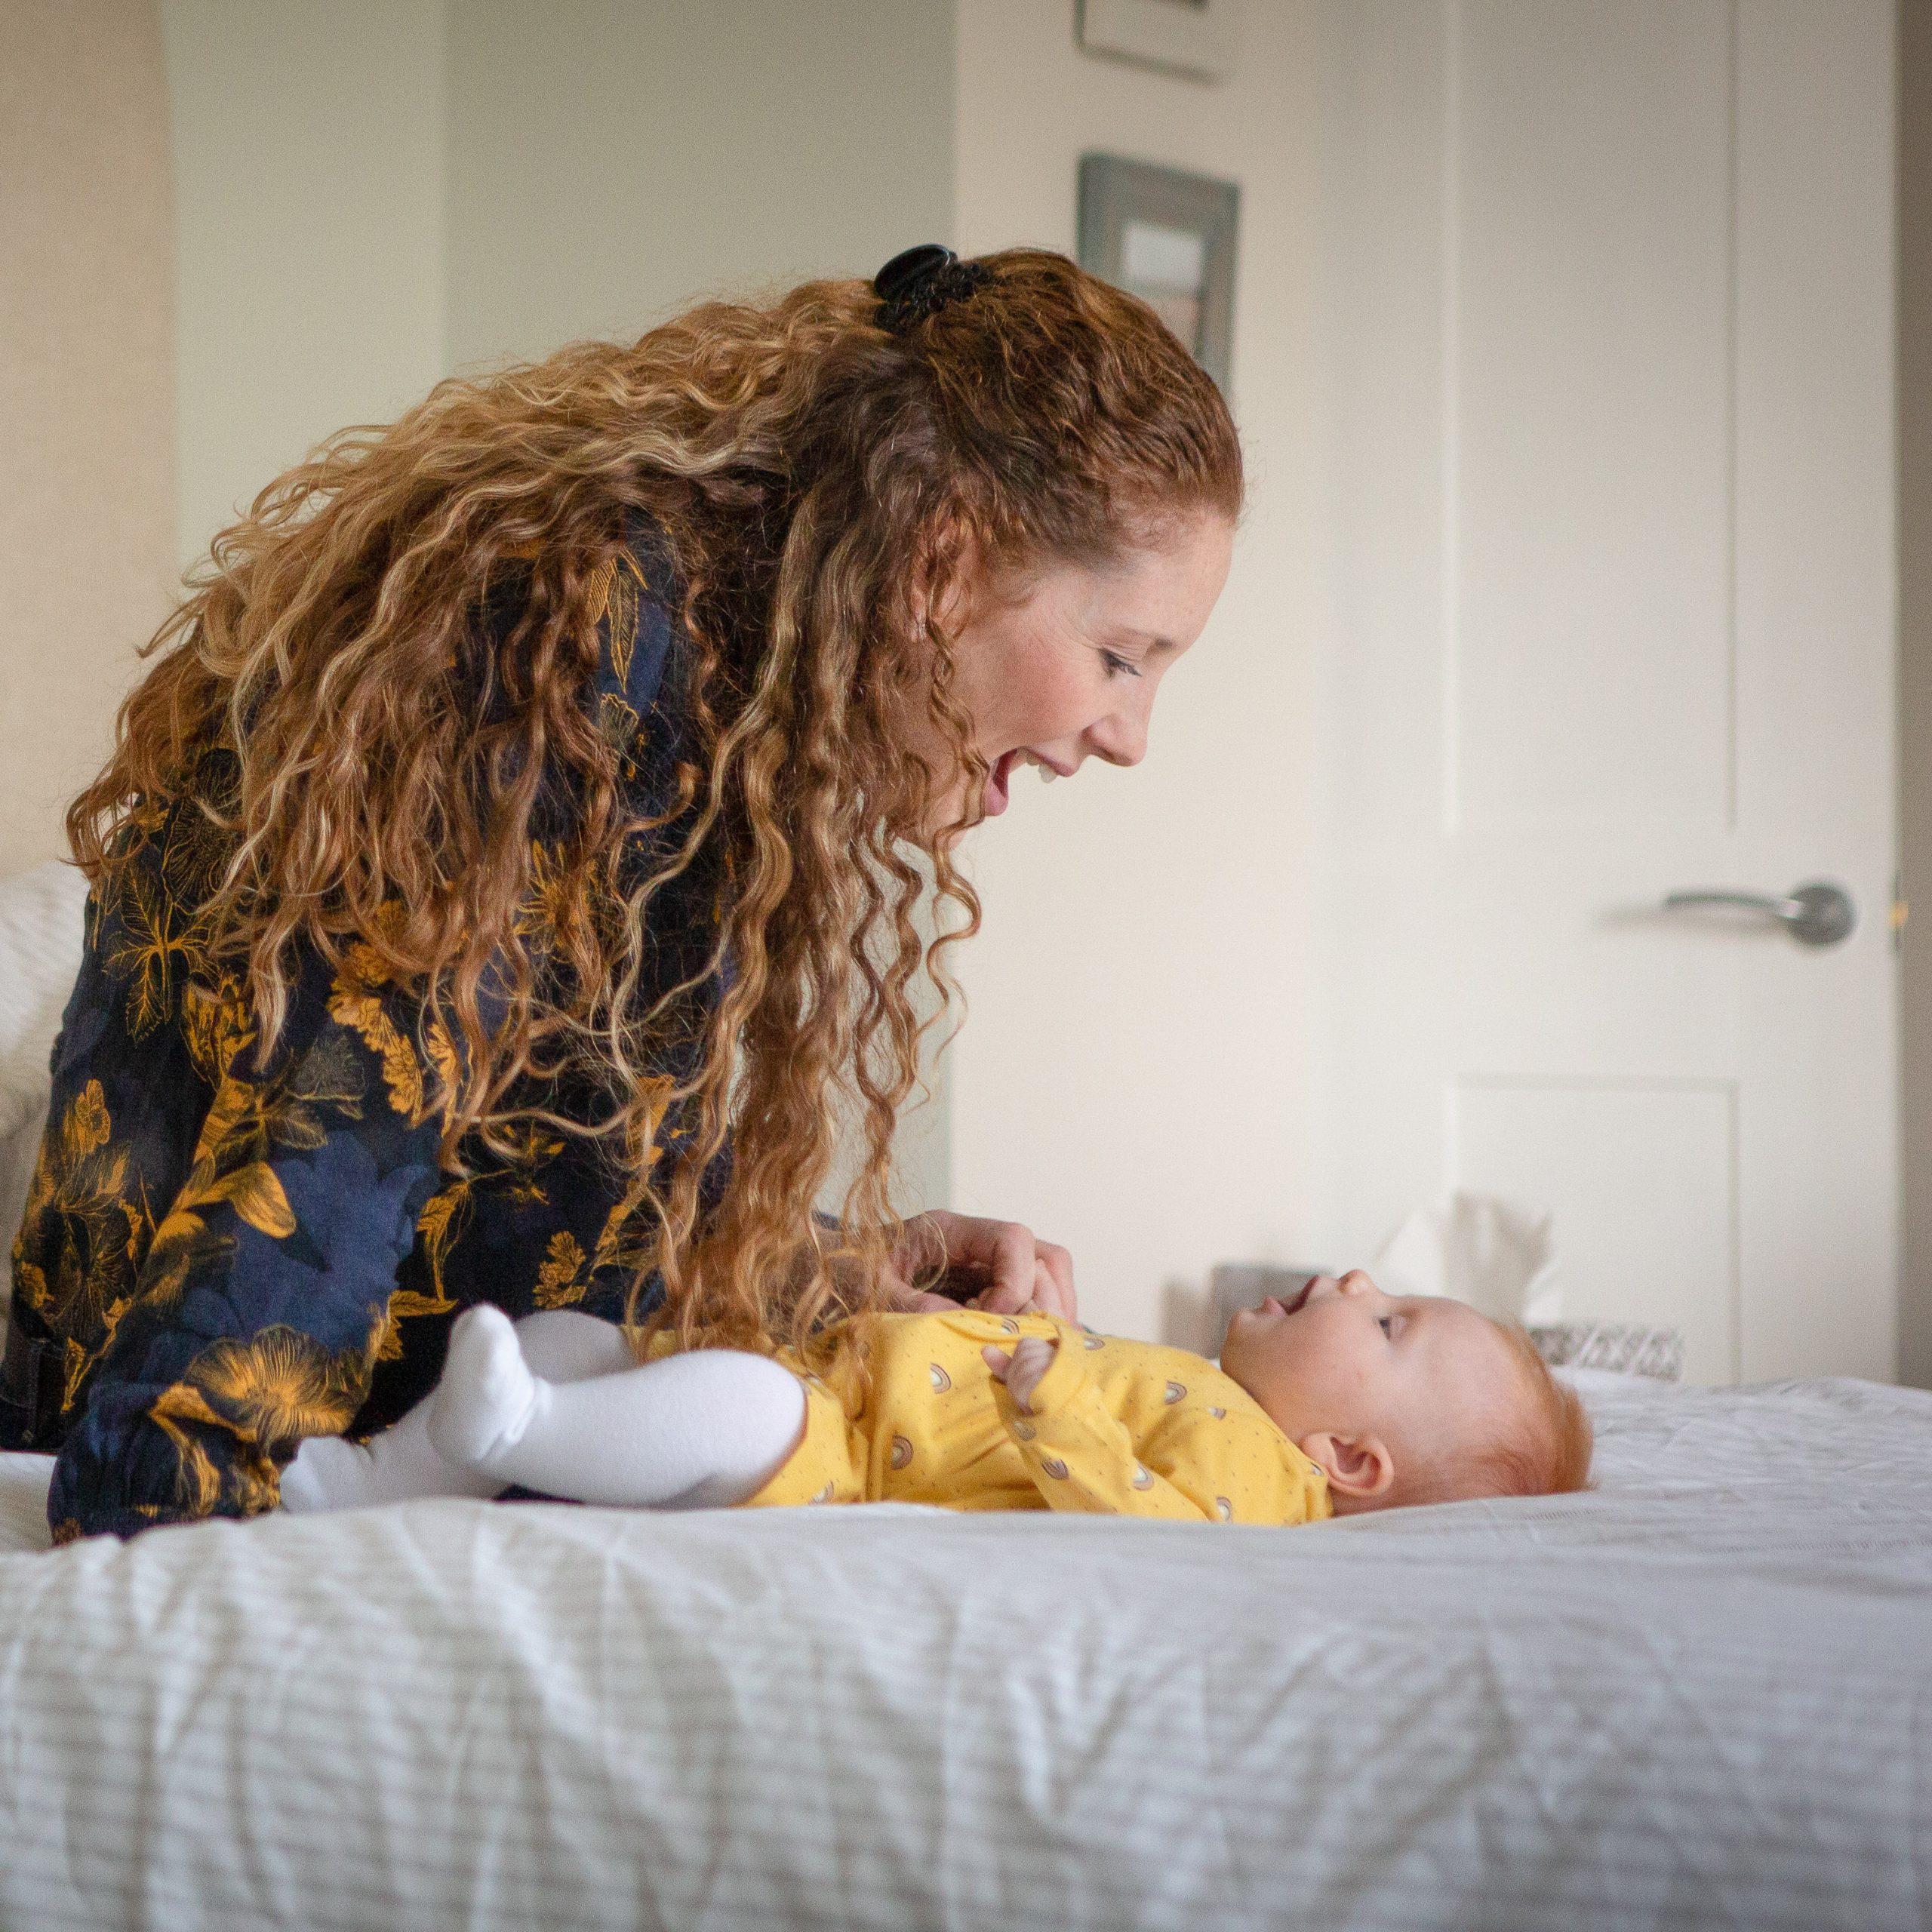 baby photographer tunbridge wells